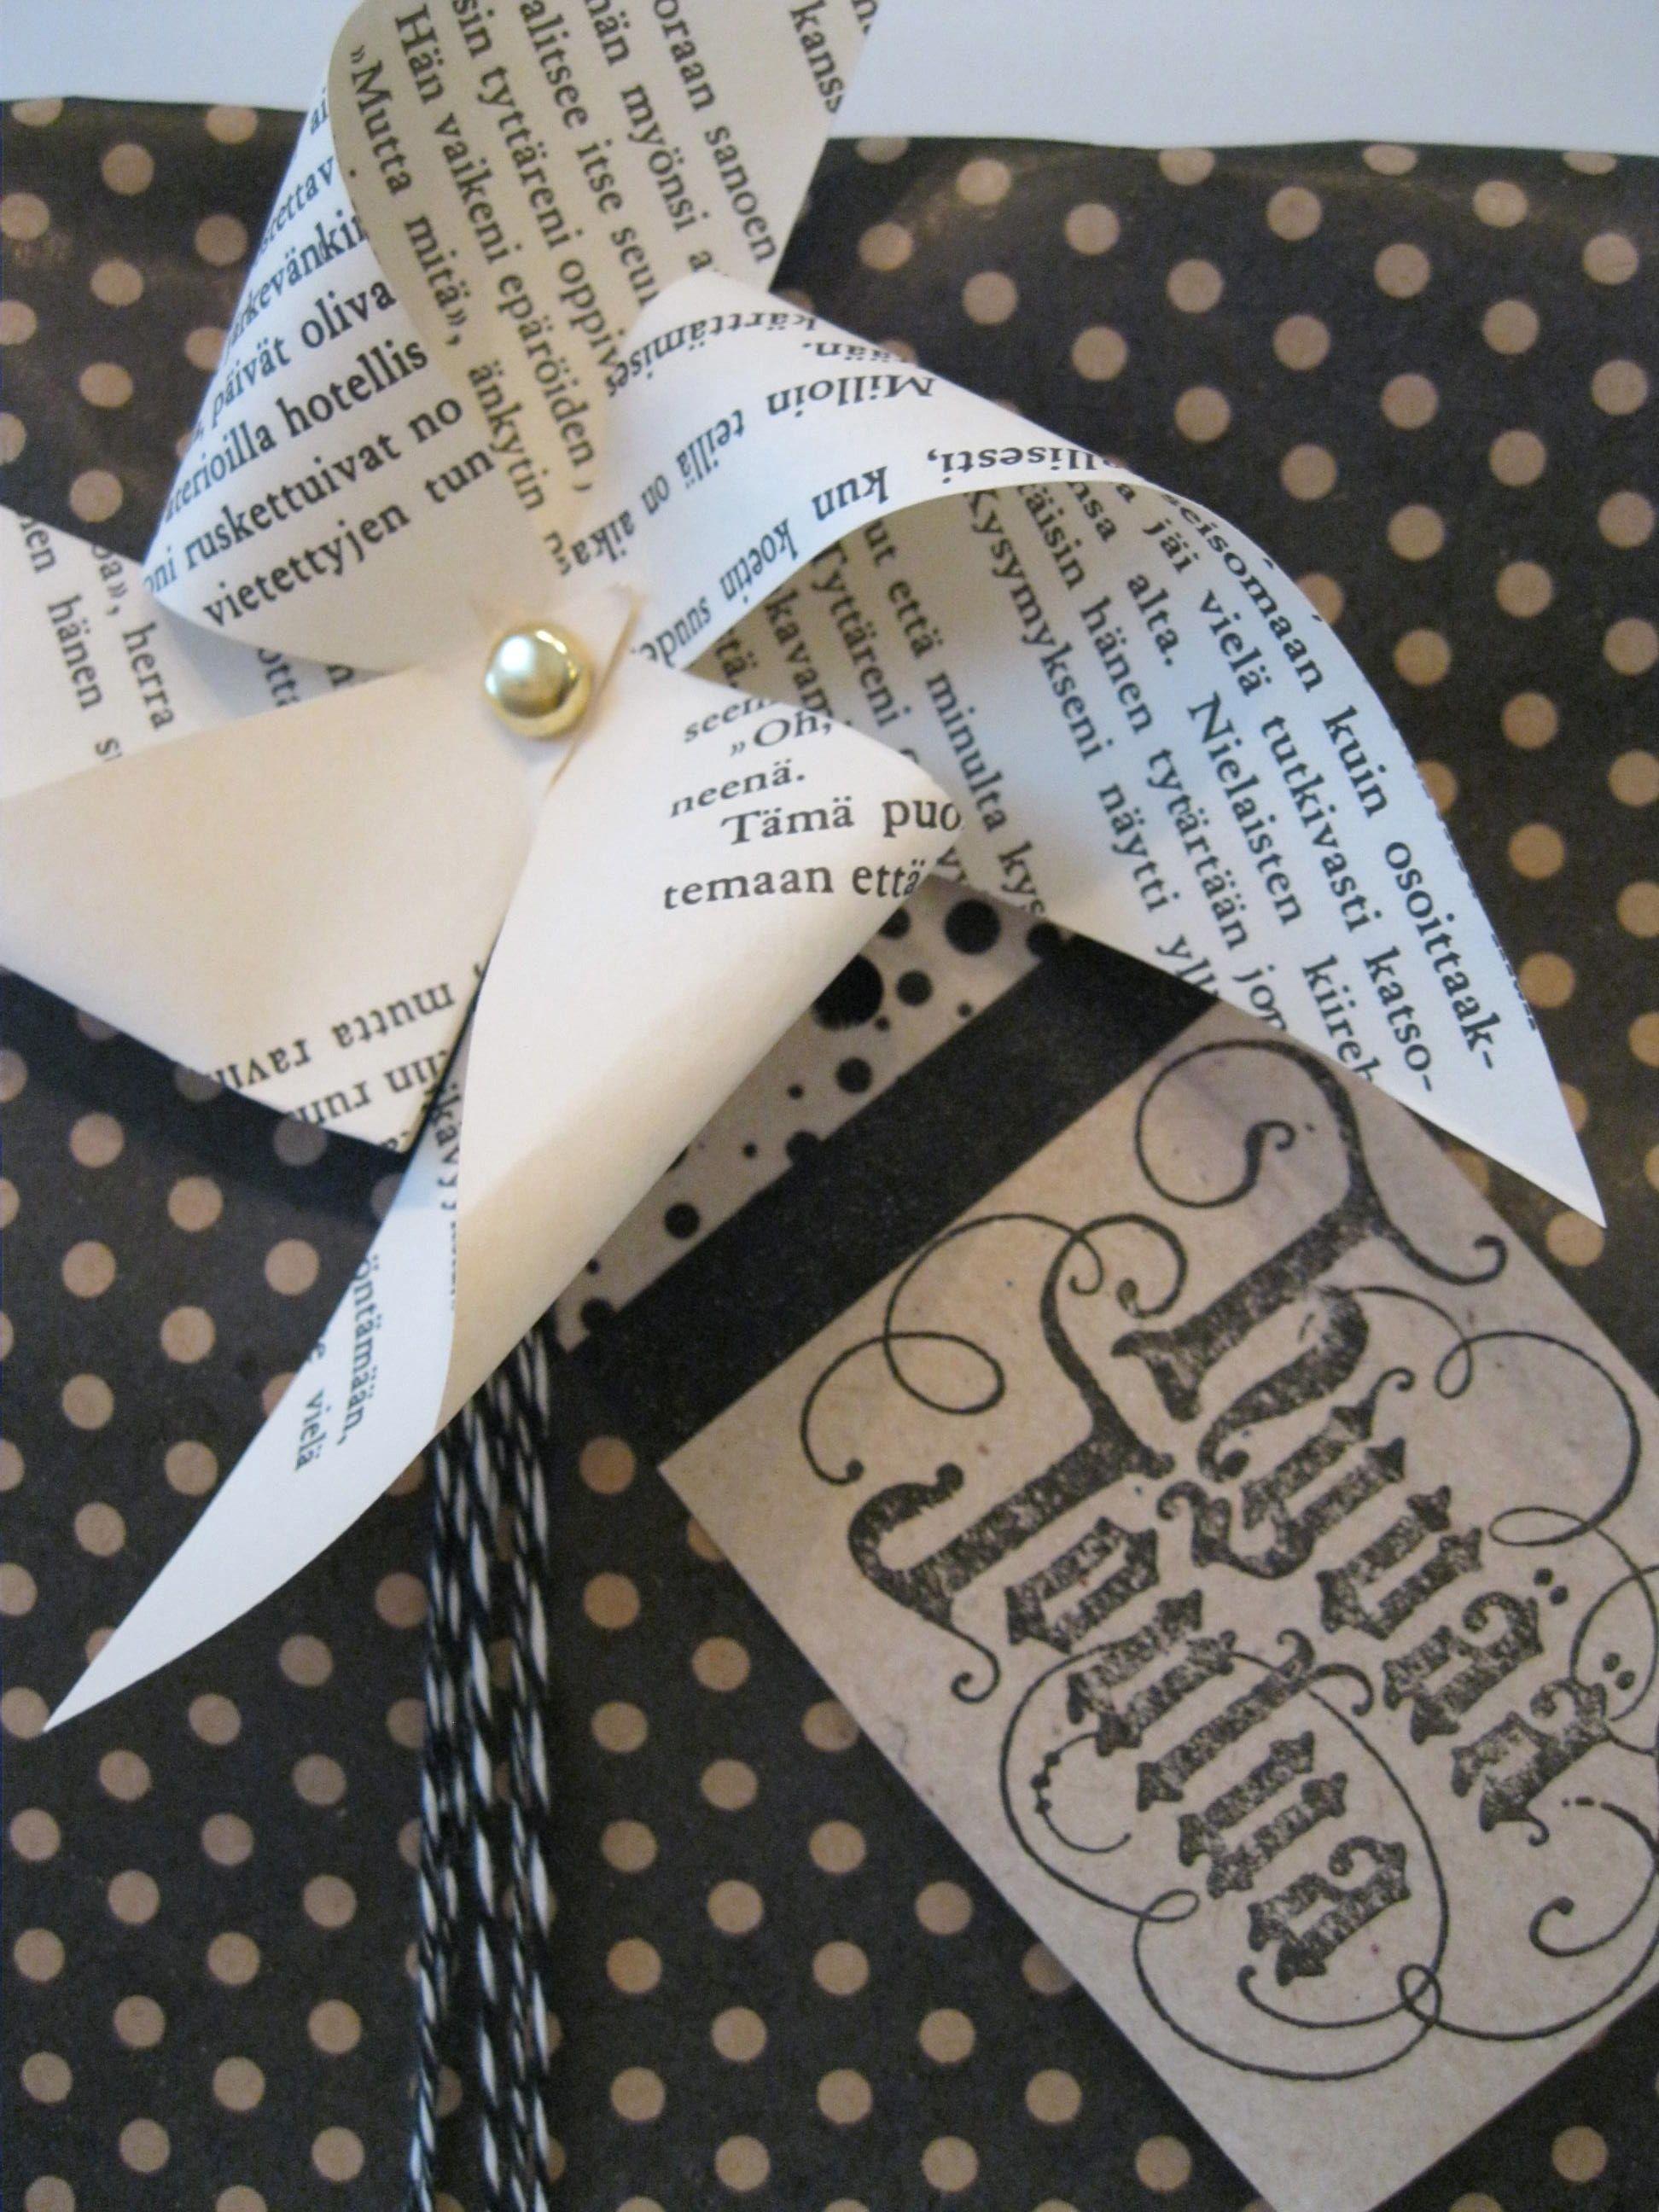 leimasimella ja washiteipillä koristeltu pakettikortti lahjapaperi rullan sisällä olevasta pahvista- gift tag